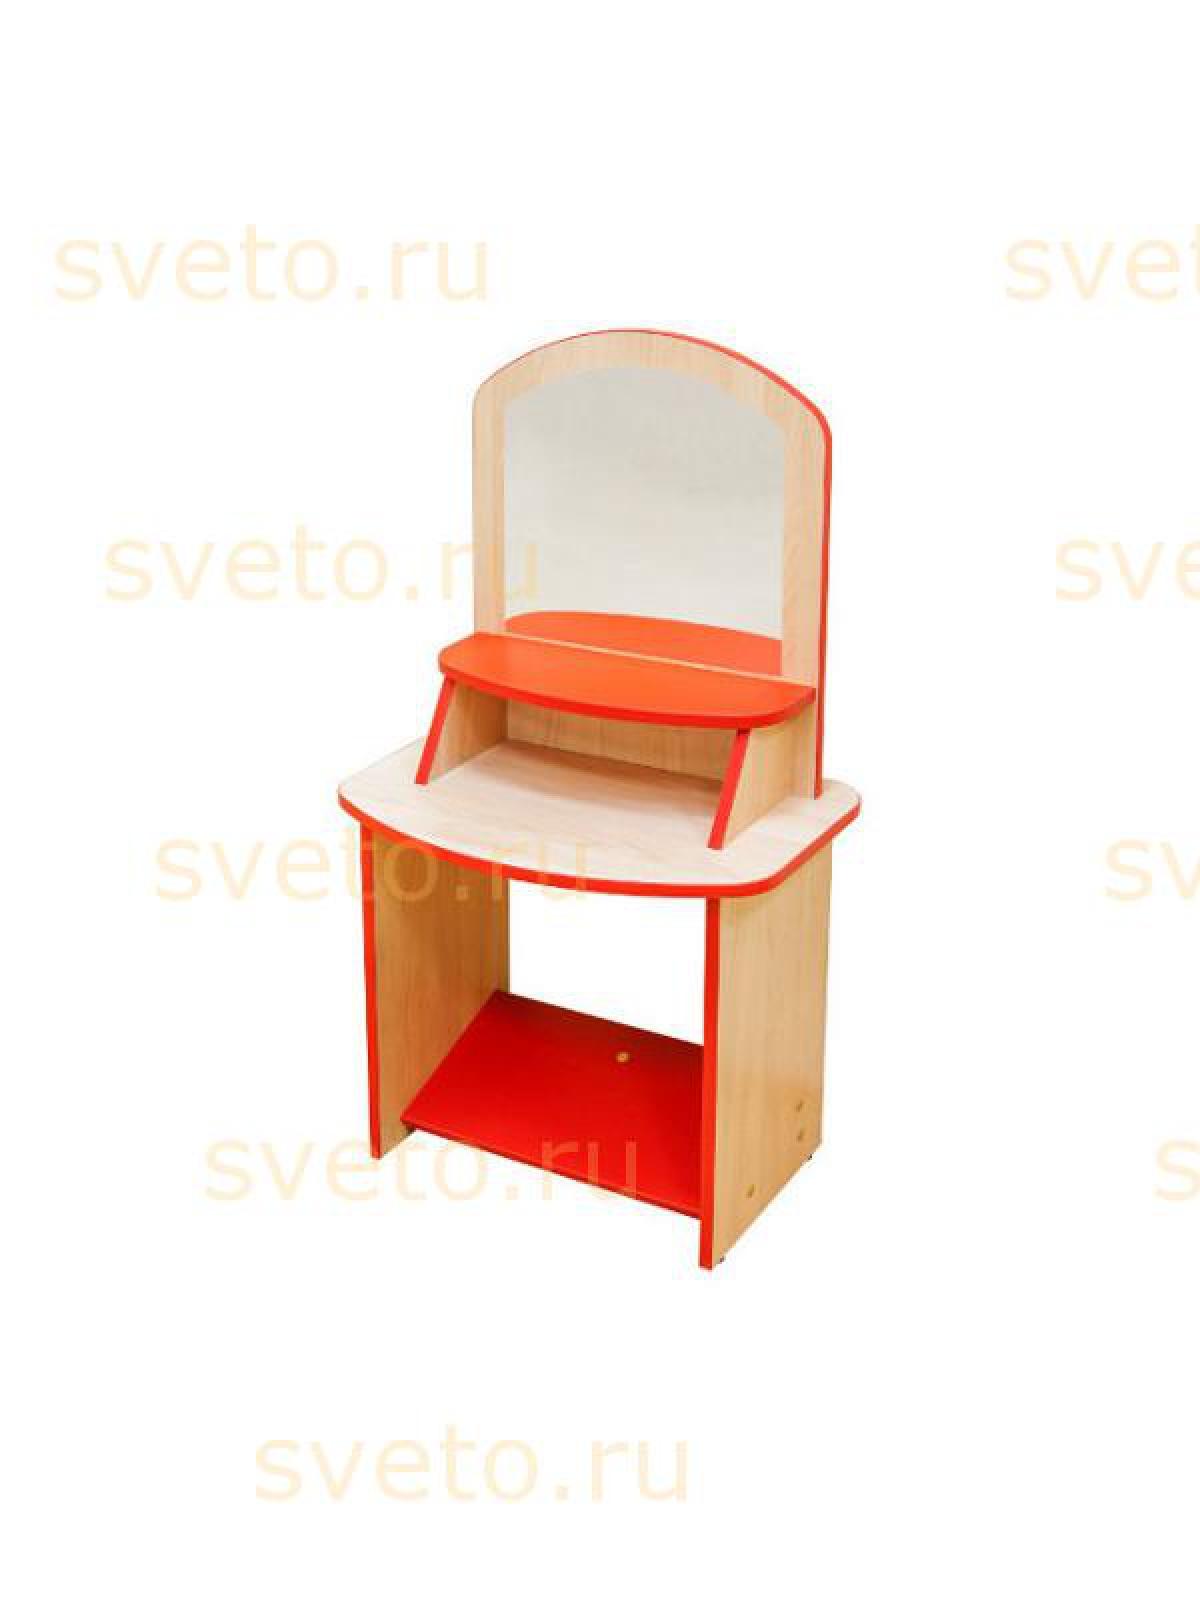 Купить стулья для детского сада - главная идея.